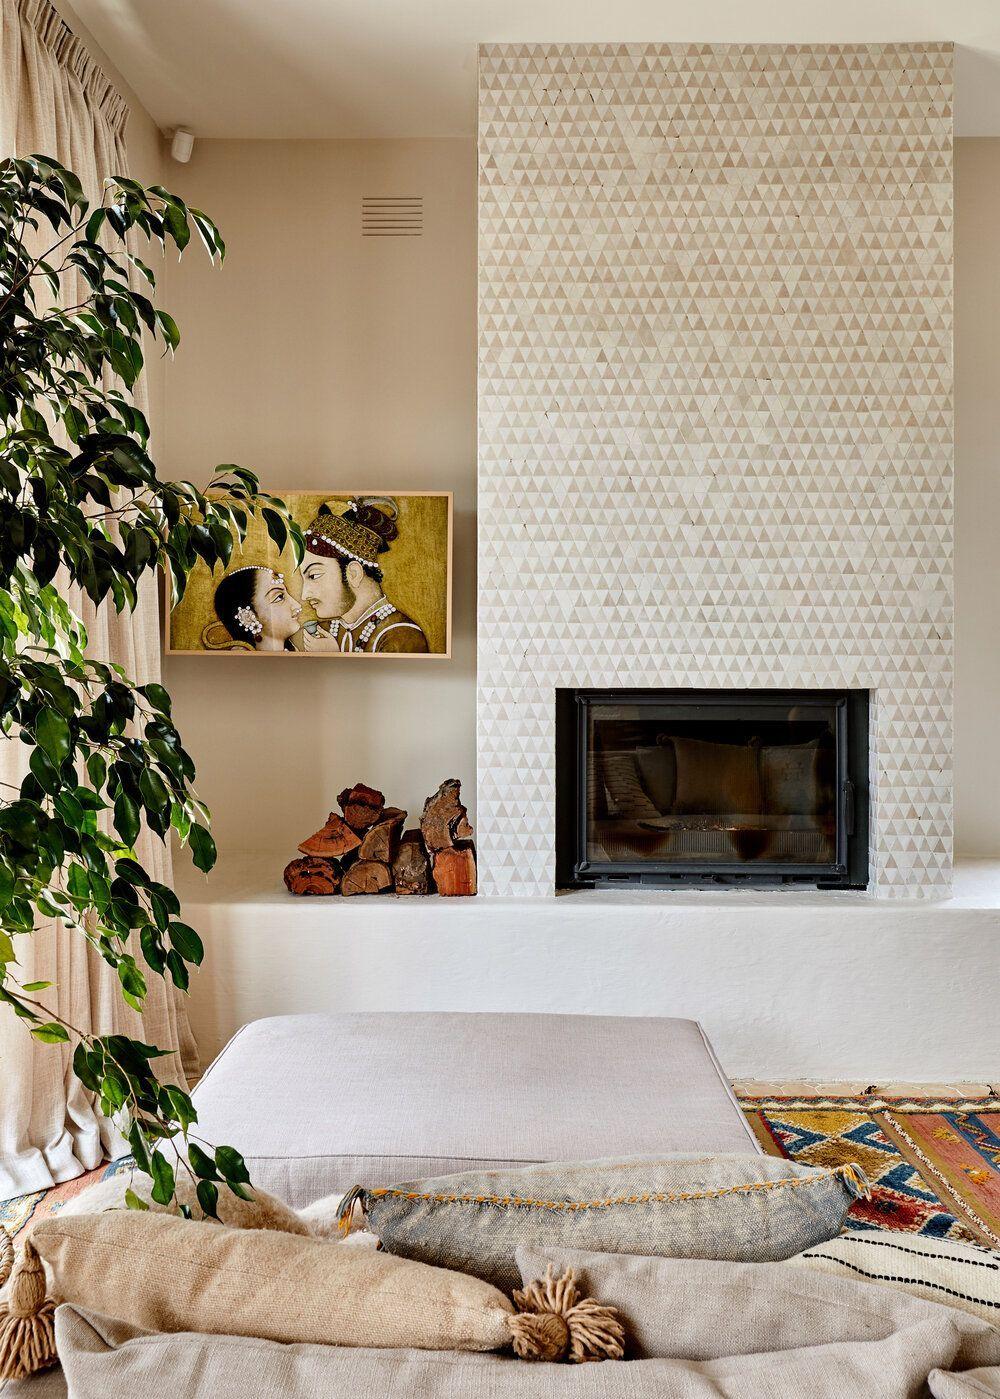 Zona de estar, chimenea revestida con azulejo artesanal geométrico, paredes de tadelakt en tono crudo sostenible. Por Studio Ezra. @Utrillanais